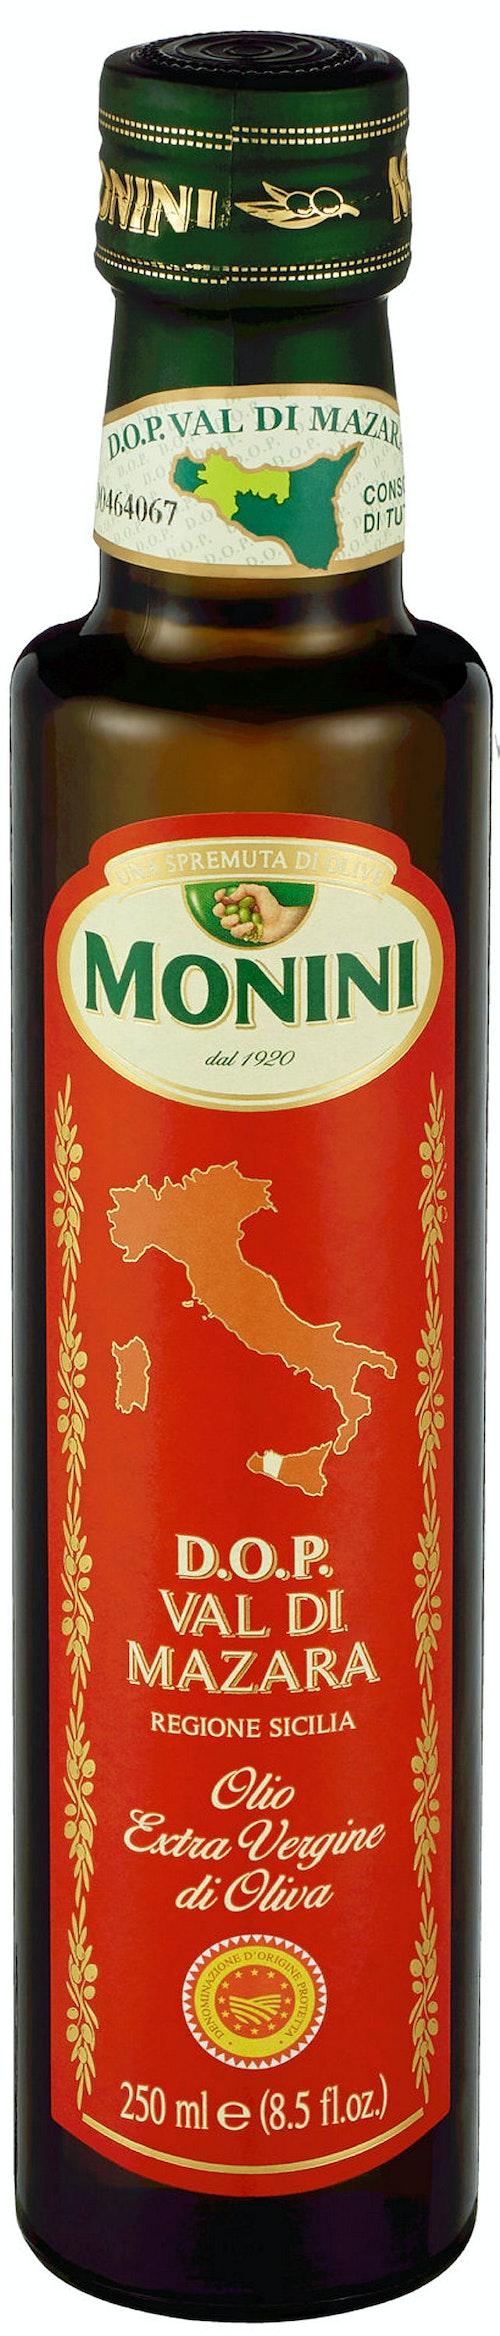 Monini Extra Vergine di Oliva Sicilia IGP, 250 ml